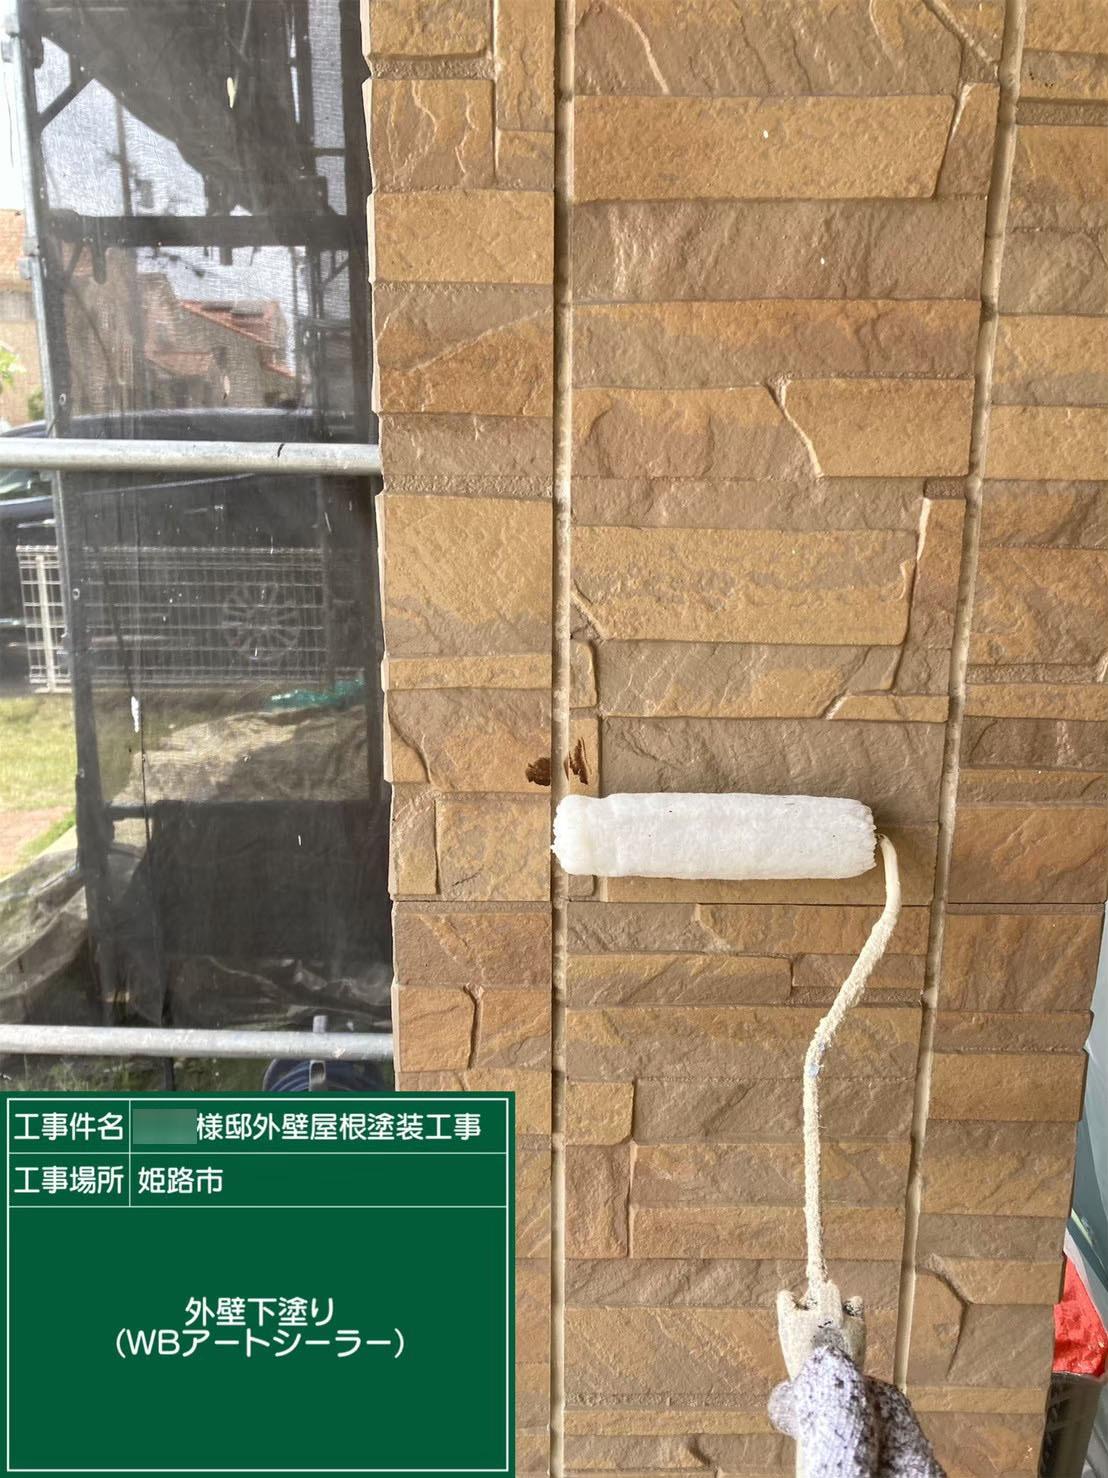 ウォールバリアがアクセントに♪ サイディング外壁の方必見!